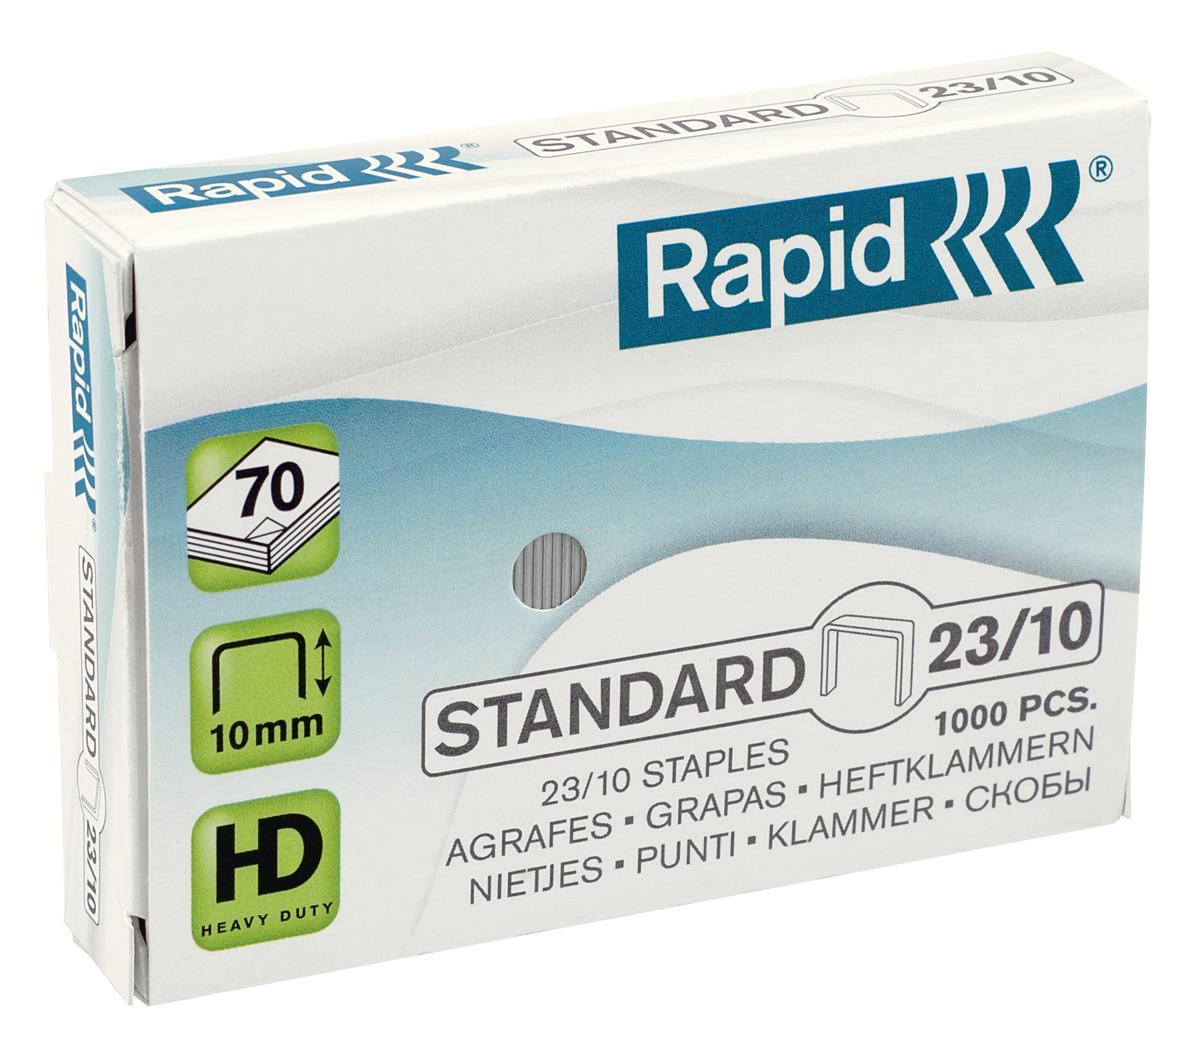 Rapid STRONG Heftklammern 23/10, 24869900, 1.000 Stück